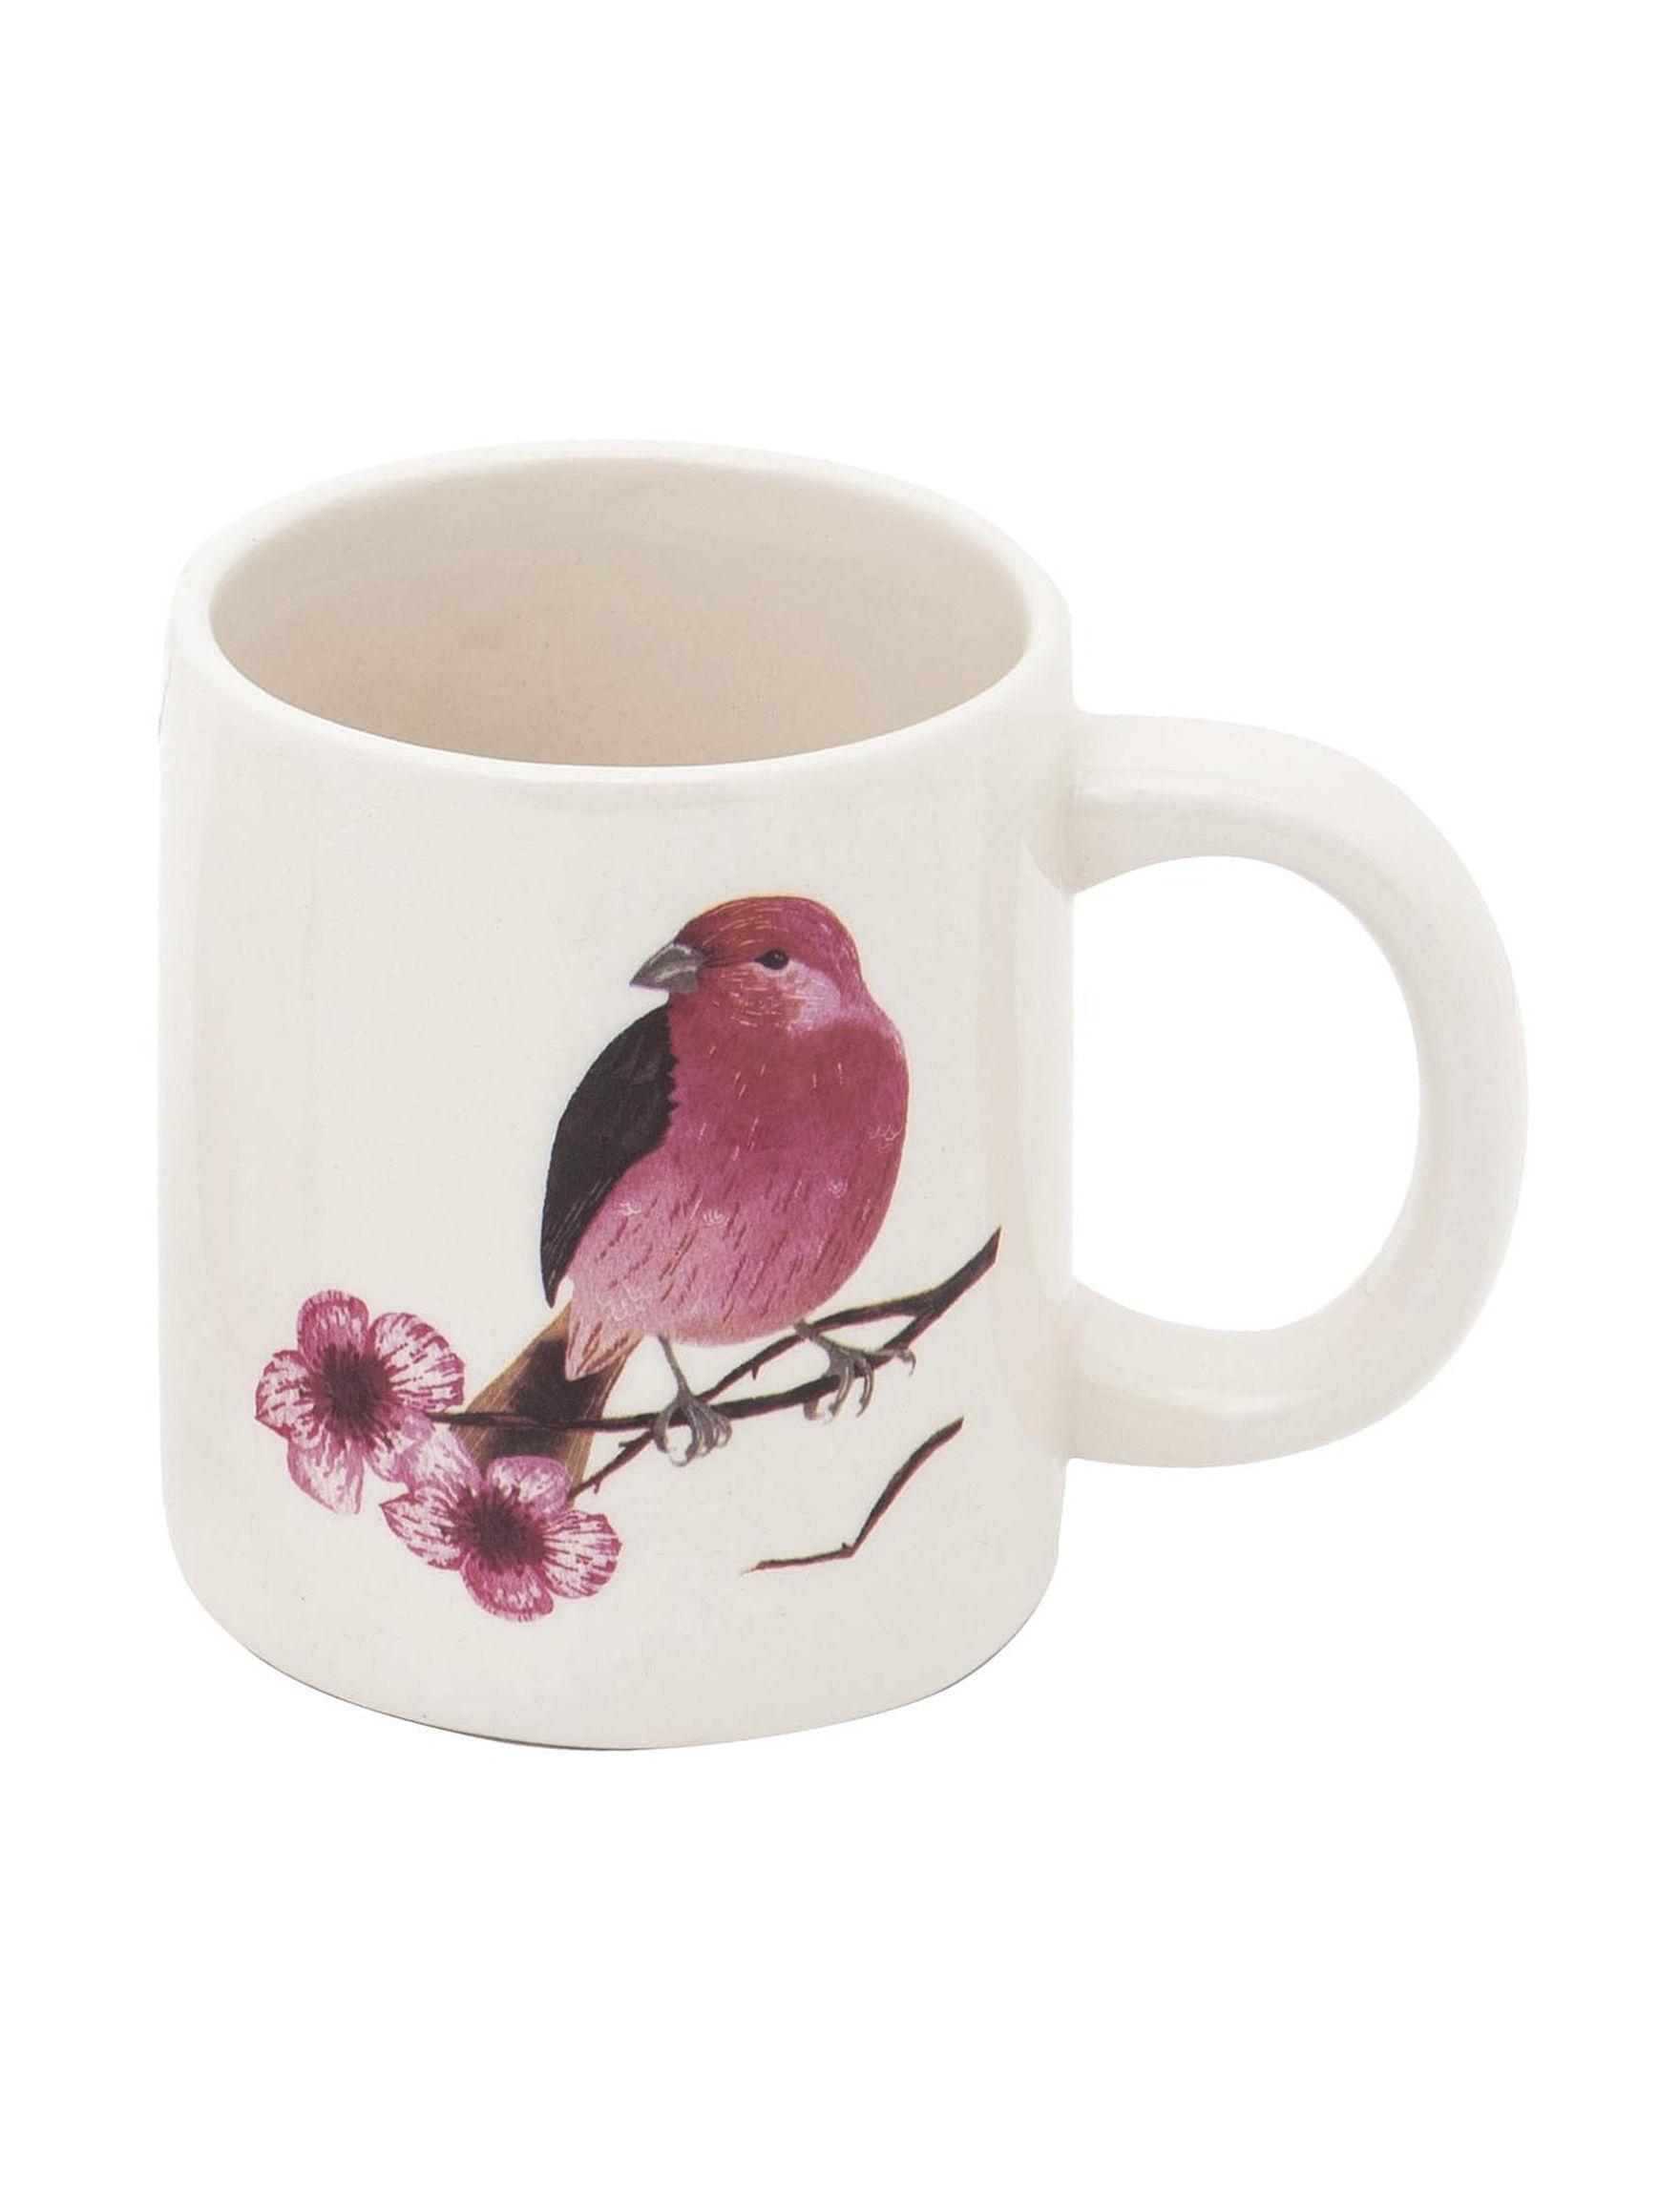 Transpac White / Pink Multi Mugs Drinkware